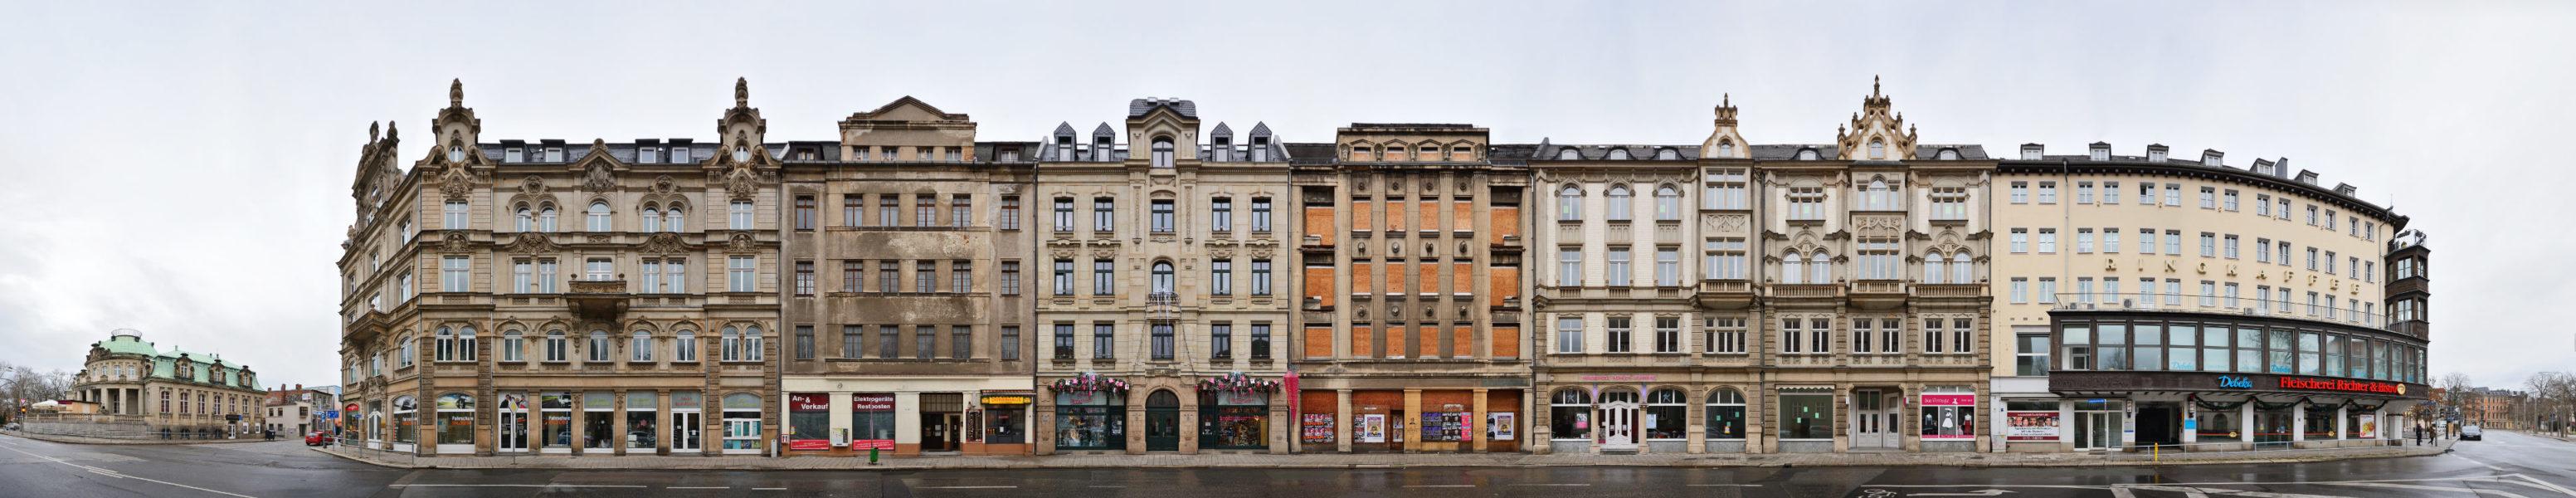 Schumannstrasse | Historicism